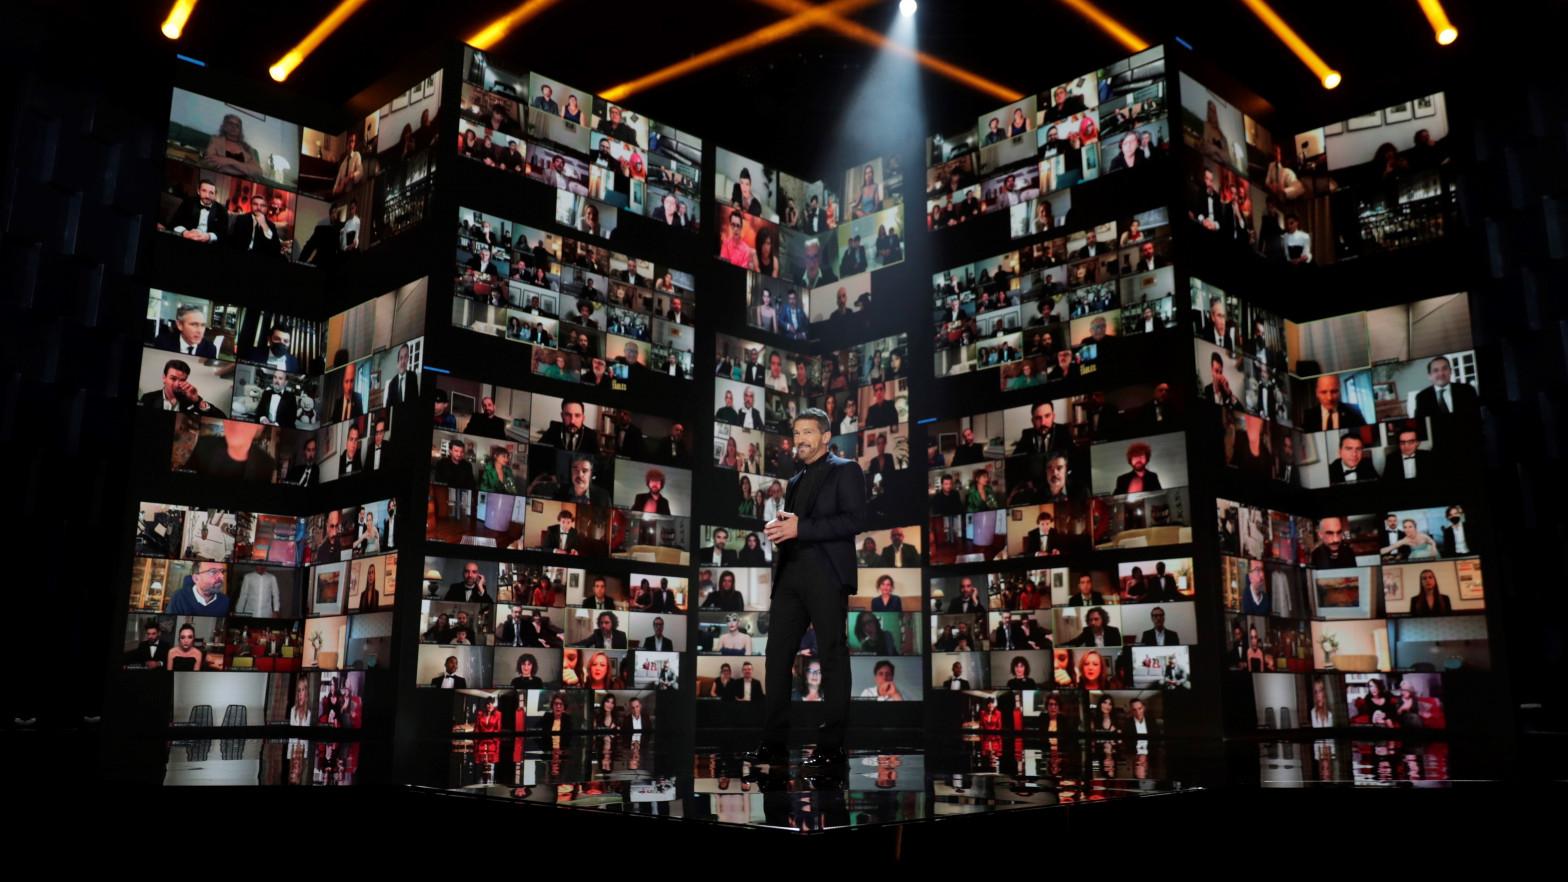 La gala de los premios Goya, la menos vista de los últimos 15 años